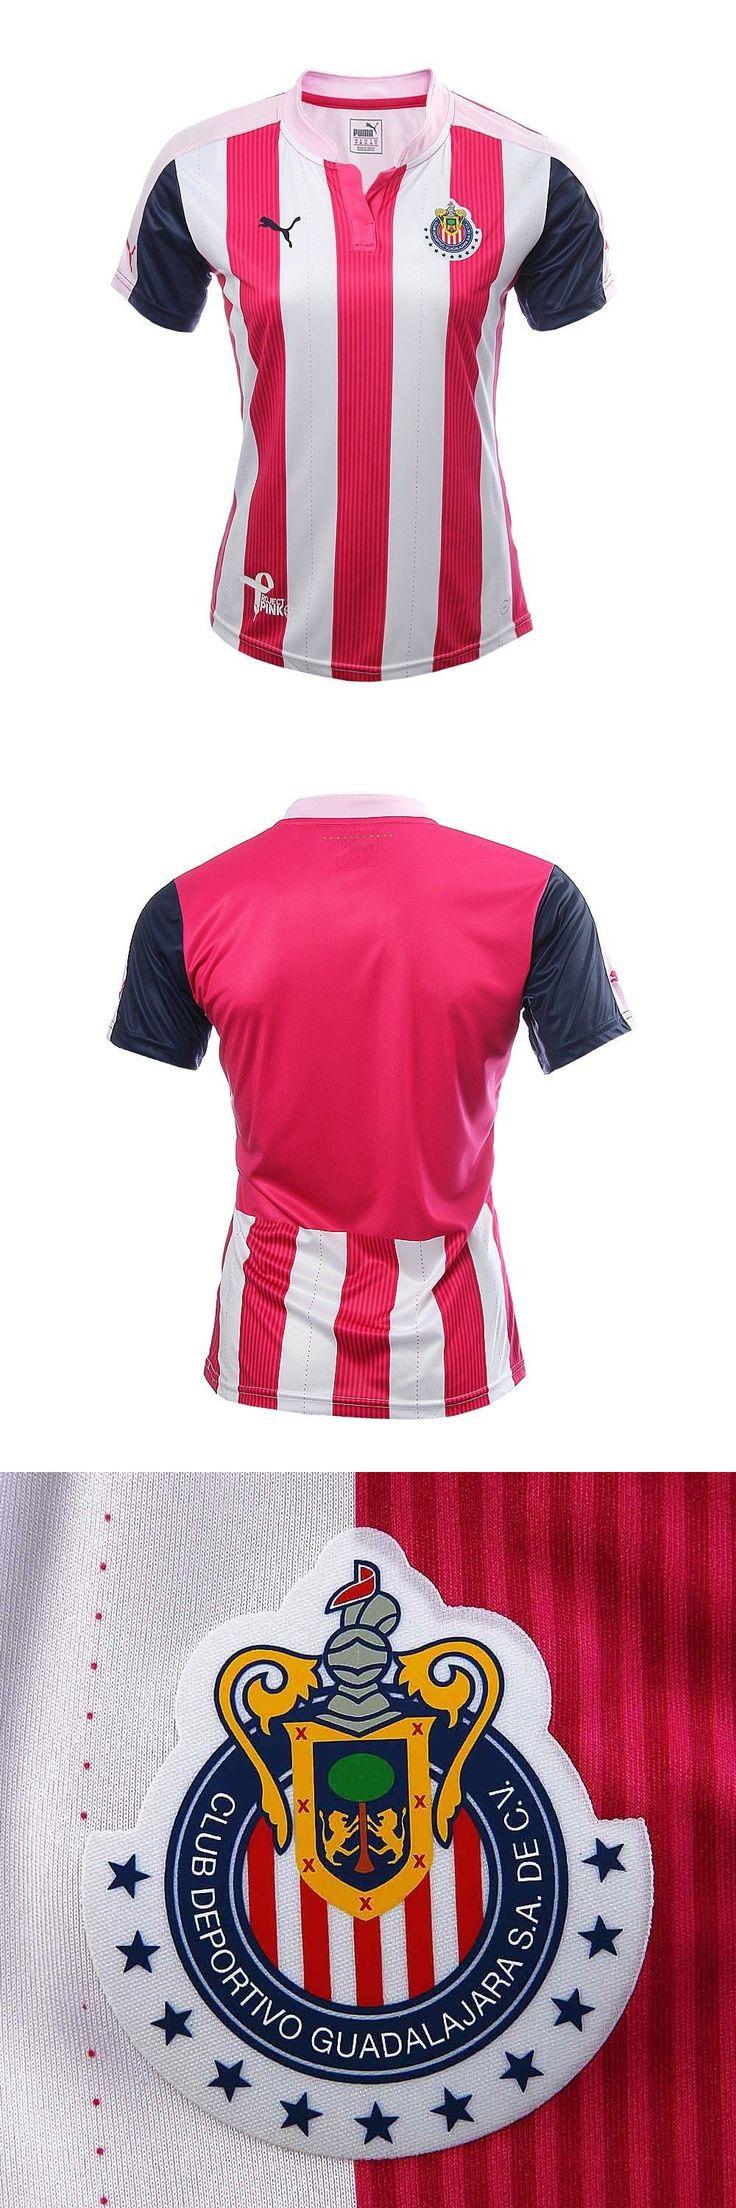 Women 159098: Chivas Puma Women Pink Jersey 2016/17 -> BUY IT NOW ONLY: $50 on eBay!